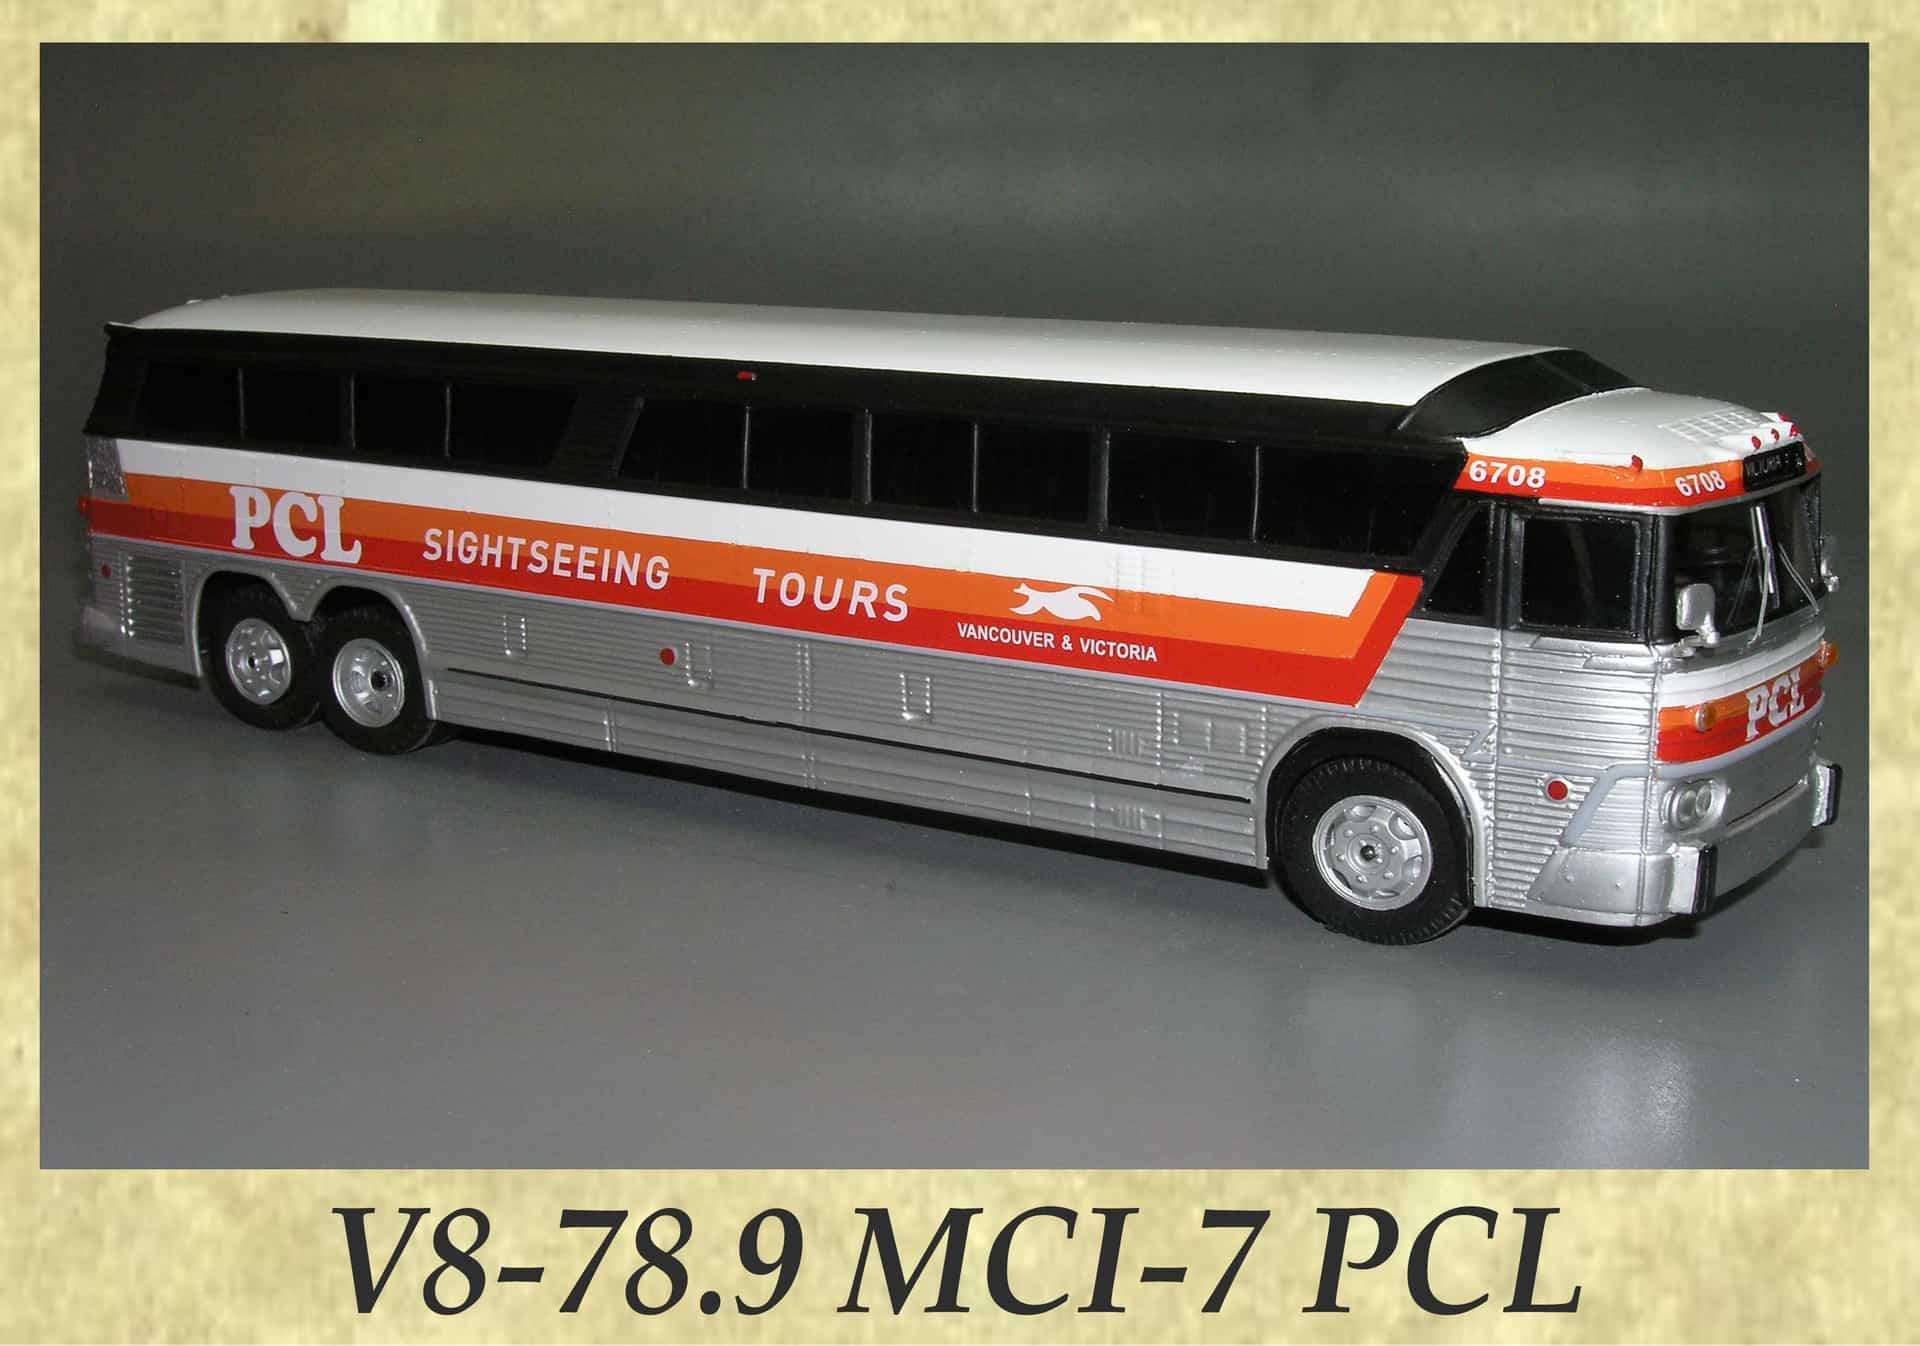 V8-78.9 MCI-7 PCL